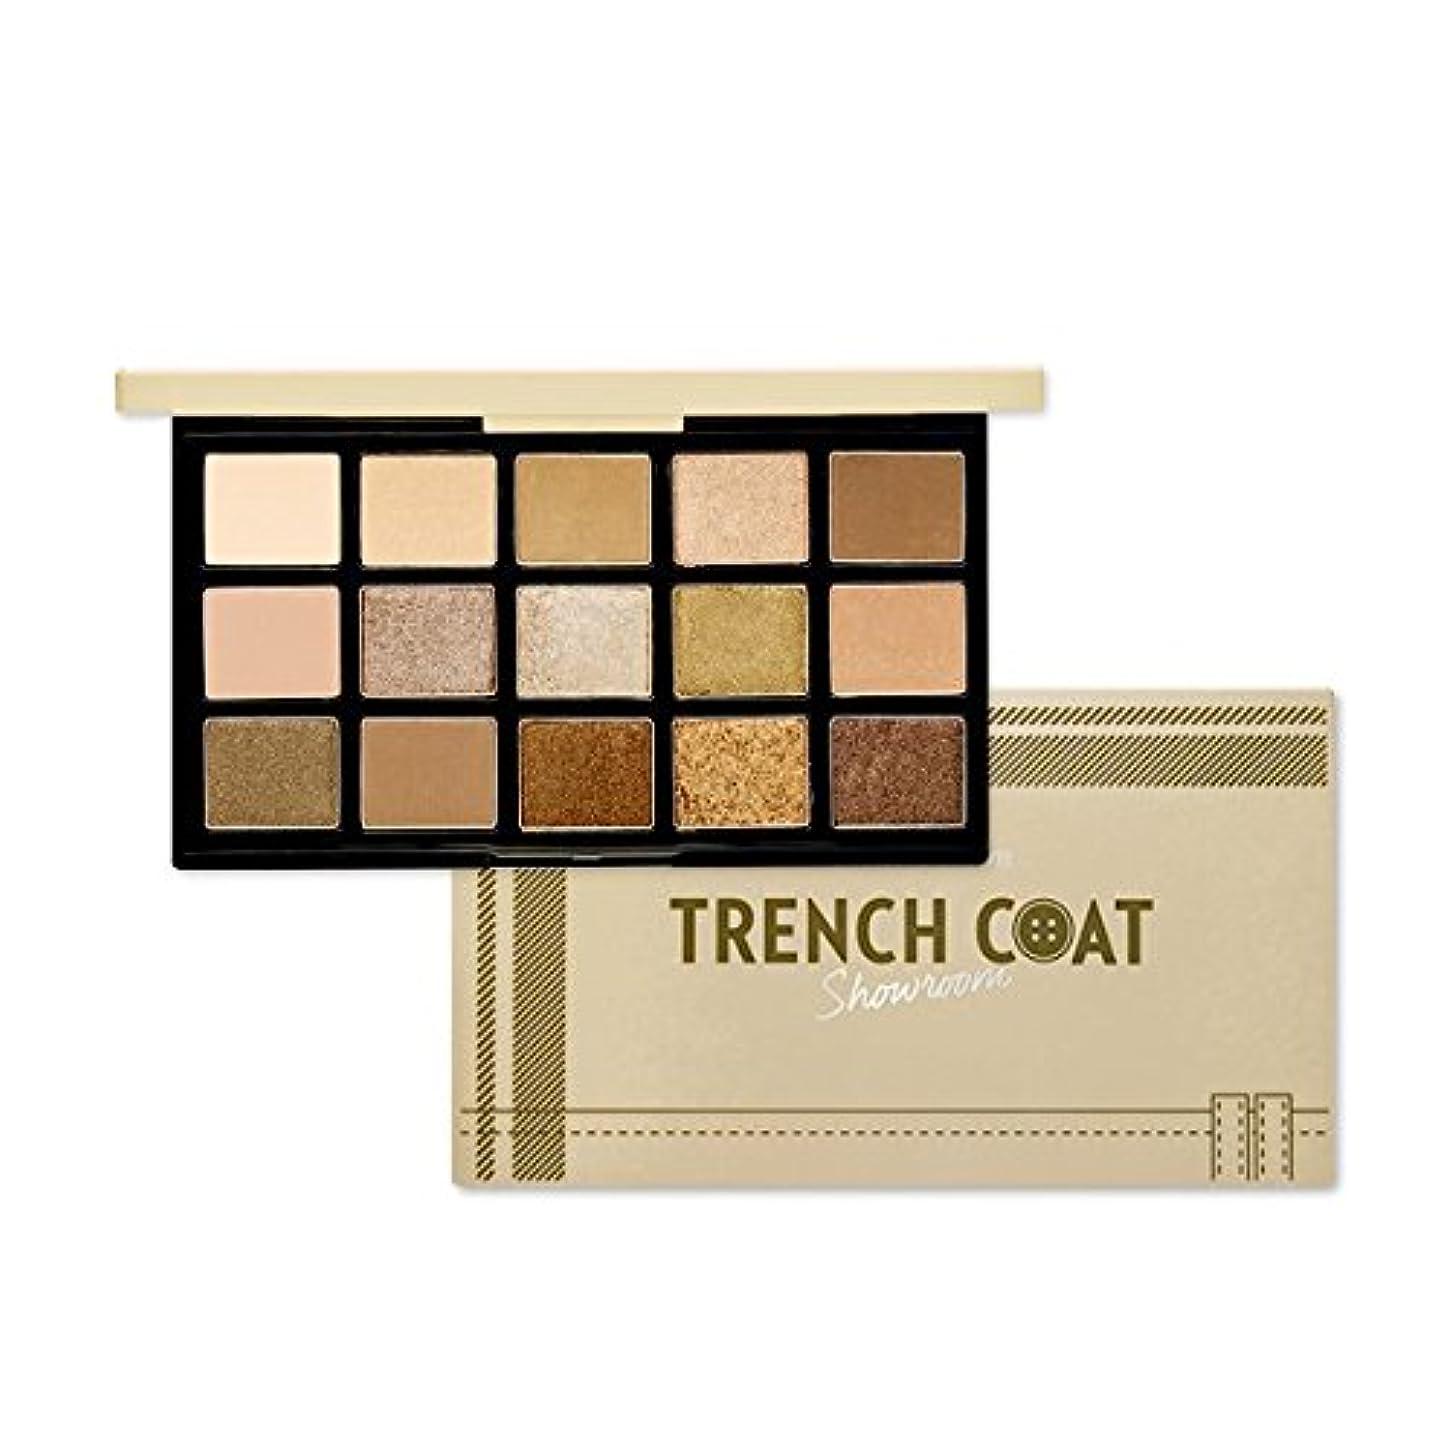 階下桁縁石ETUDE HOUSE Play Color Eye Palette - Trench coat Showroom/エチュードハウスプレイカラーアイパレット - トレンチコートショールーム [並行輸入品]